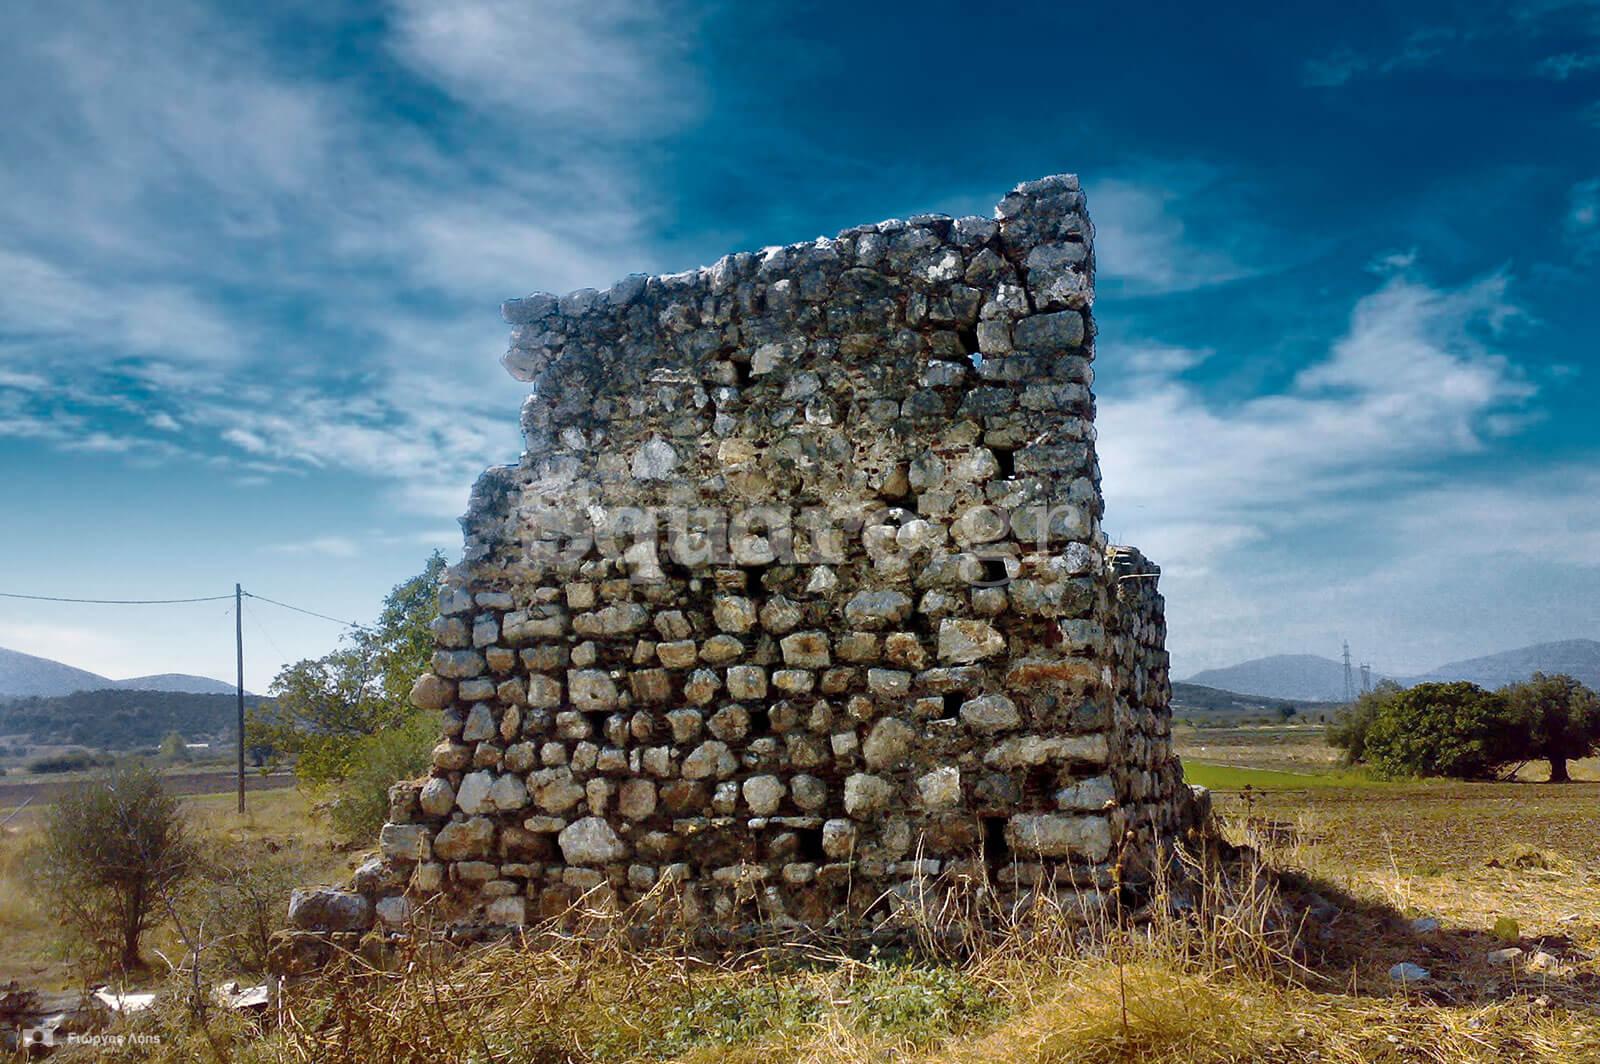 4-Ο-ερειπωμένος-μεσαιωνικός-πύργος-στην-πεδιάδα-των-Ψαχνών